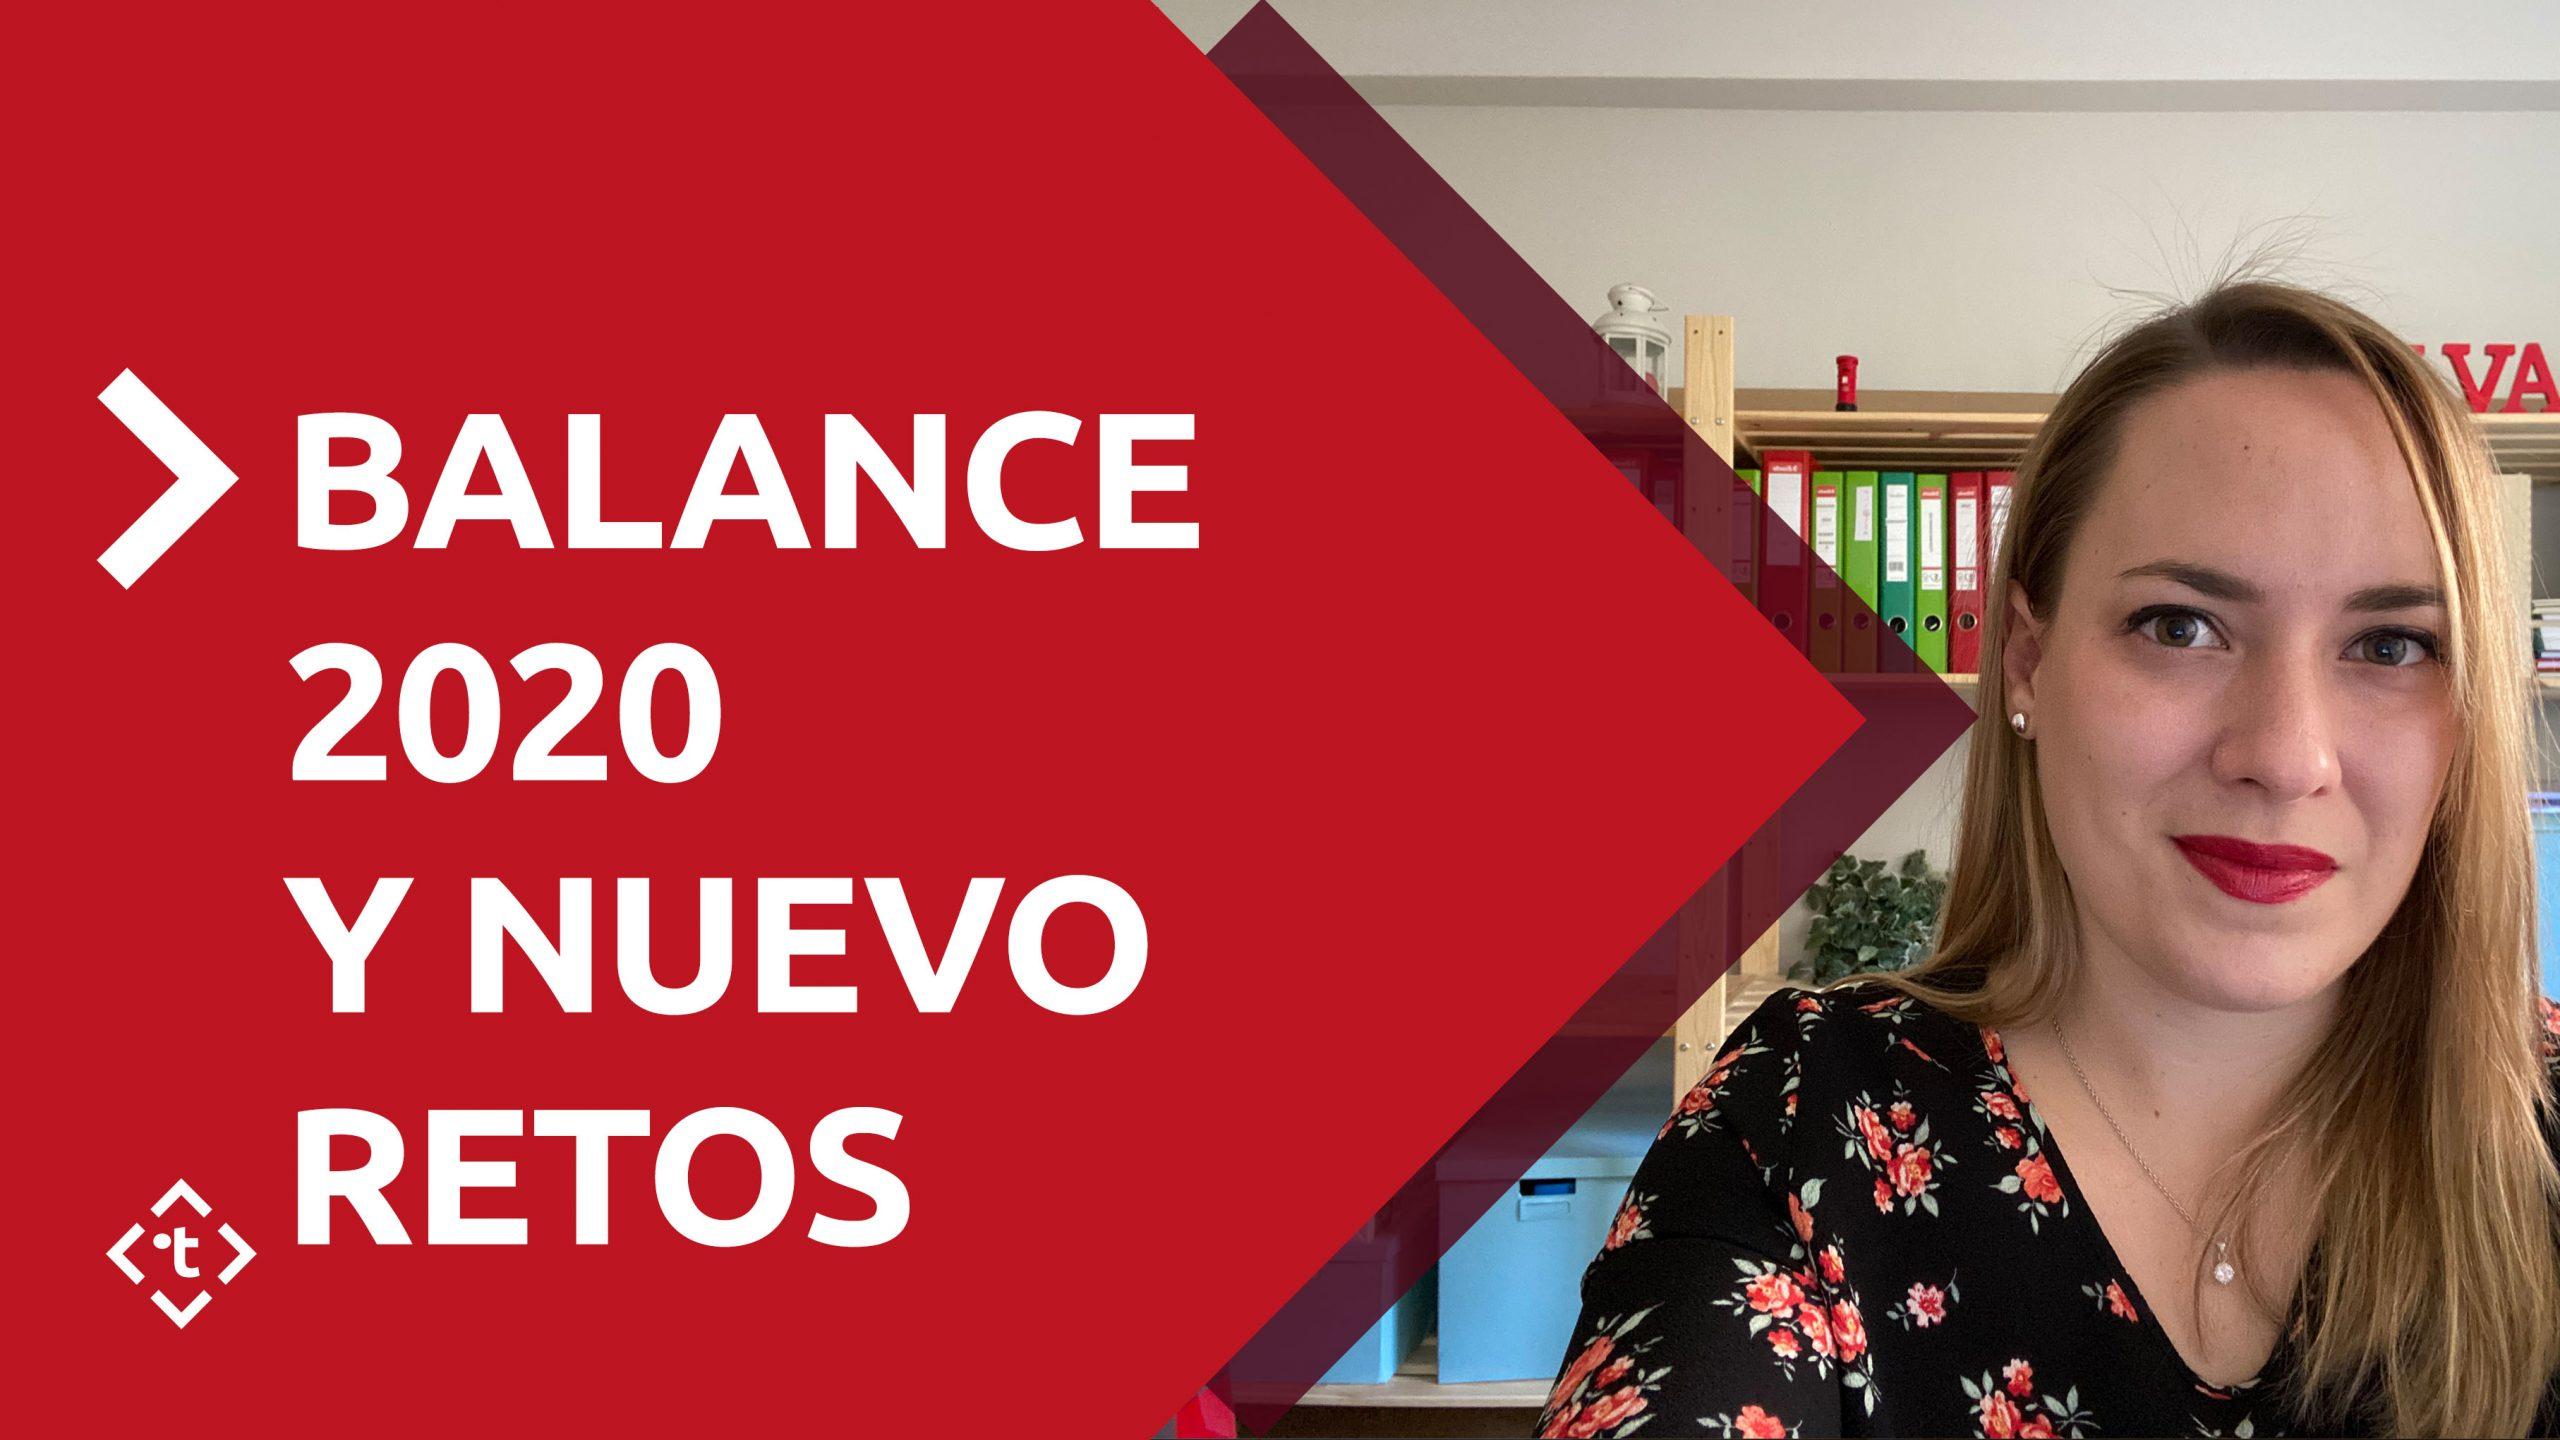 BALANCE 2020 Y NUEVO RETOS